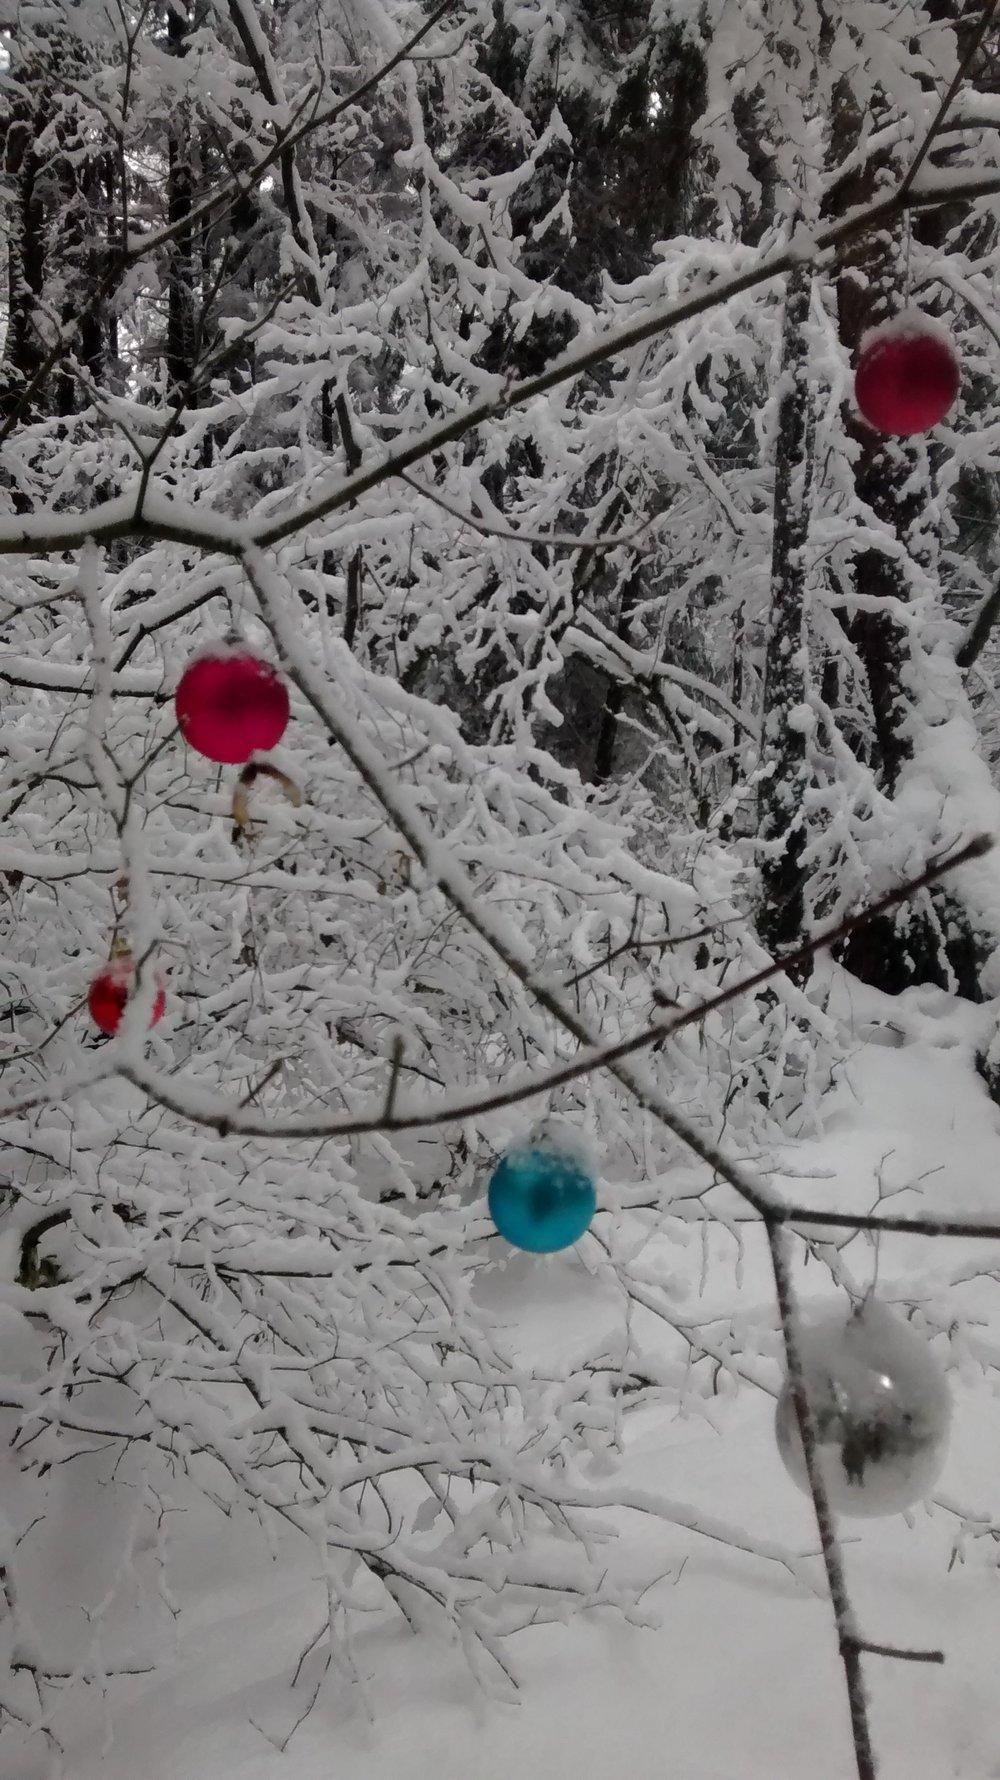 winterwonderland2016_vii.jpg